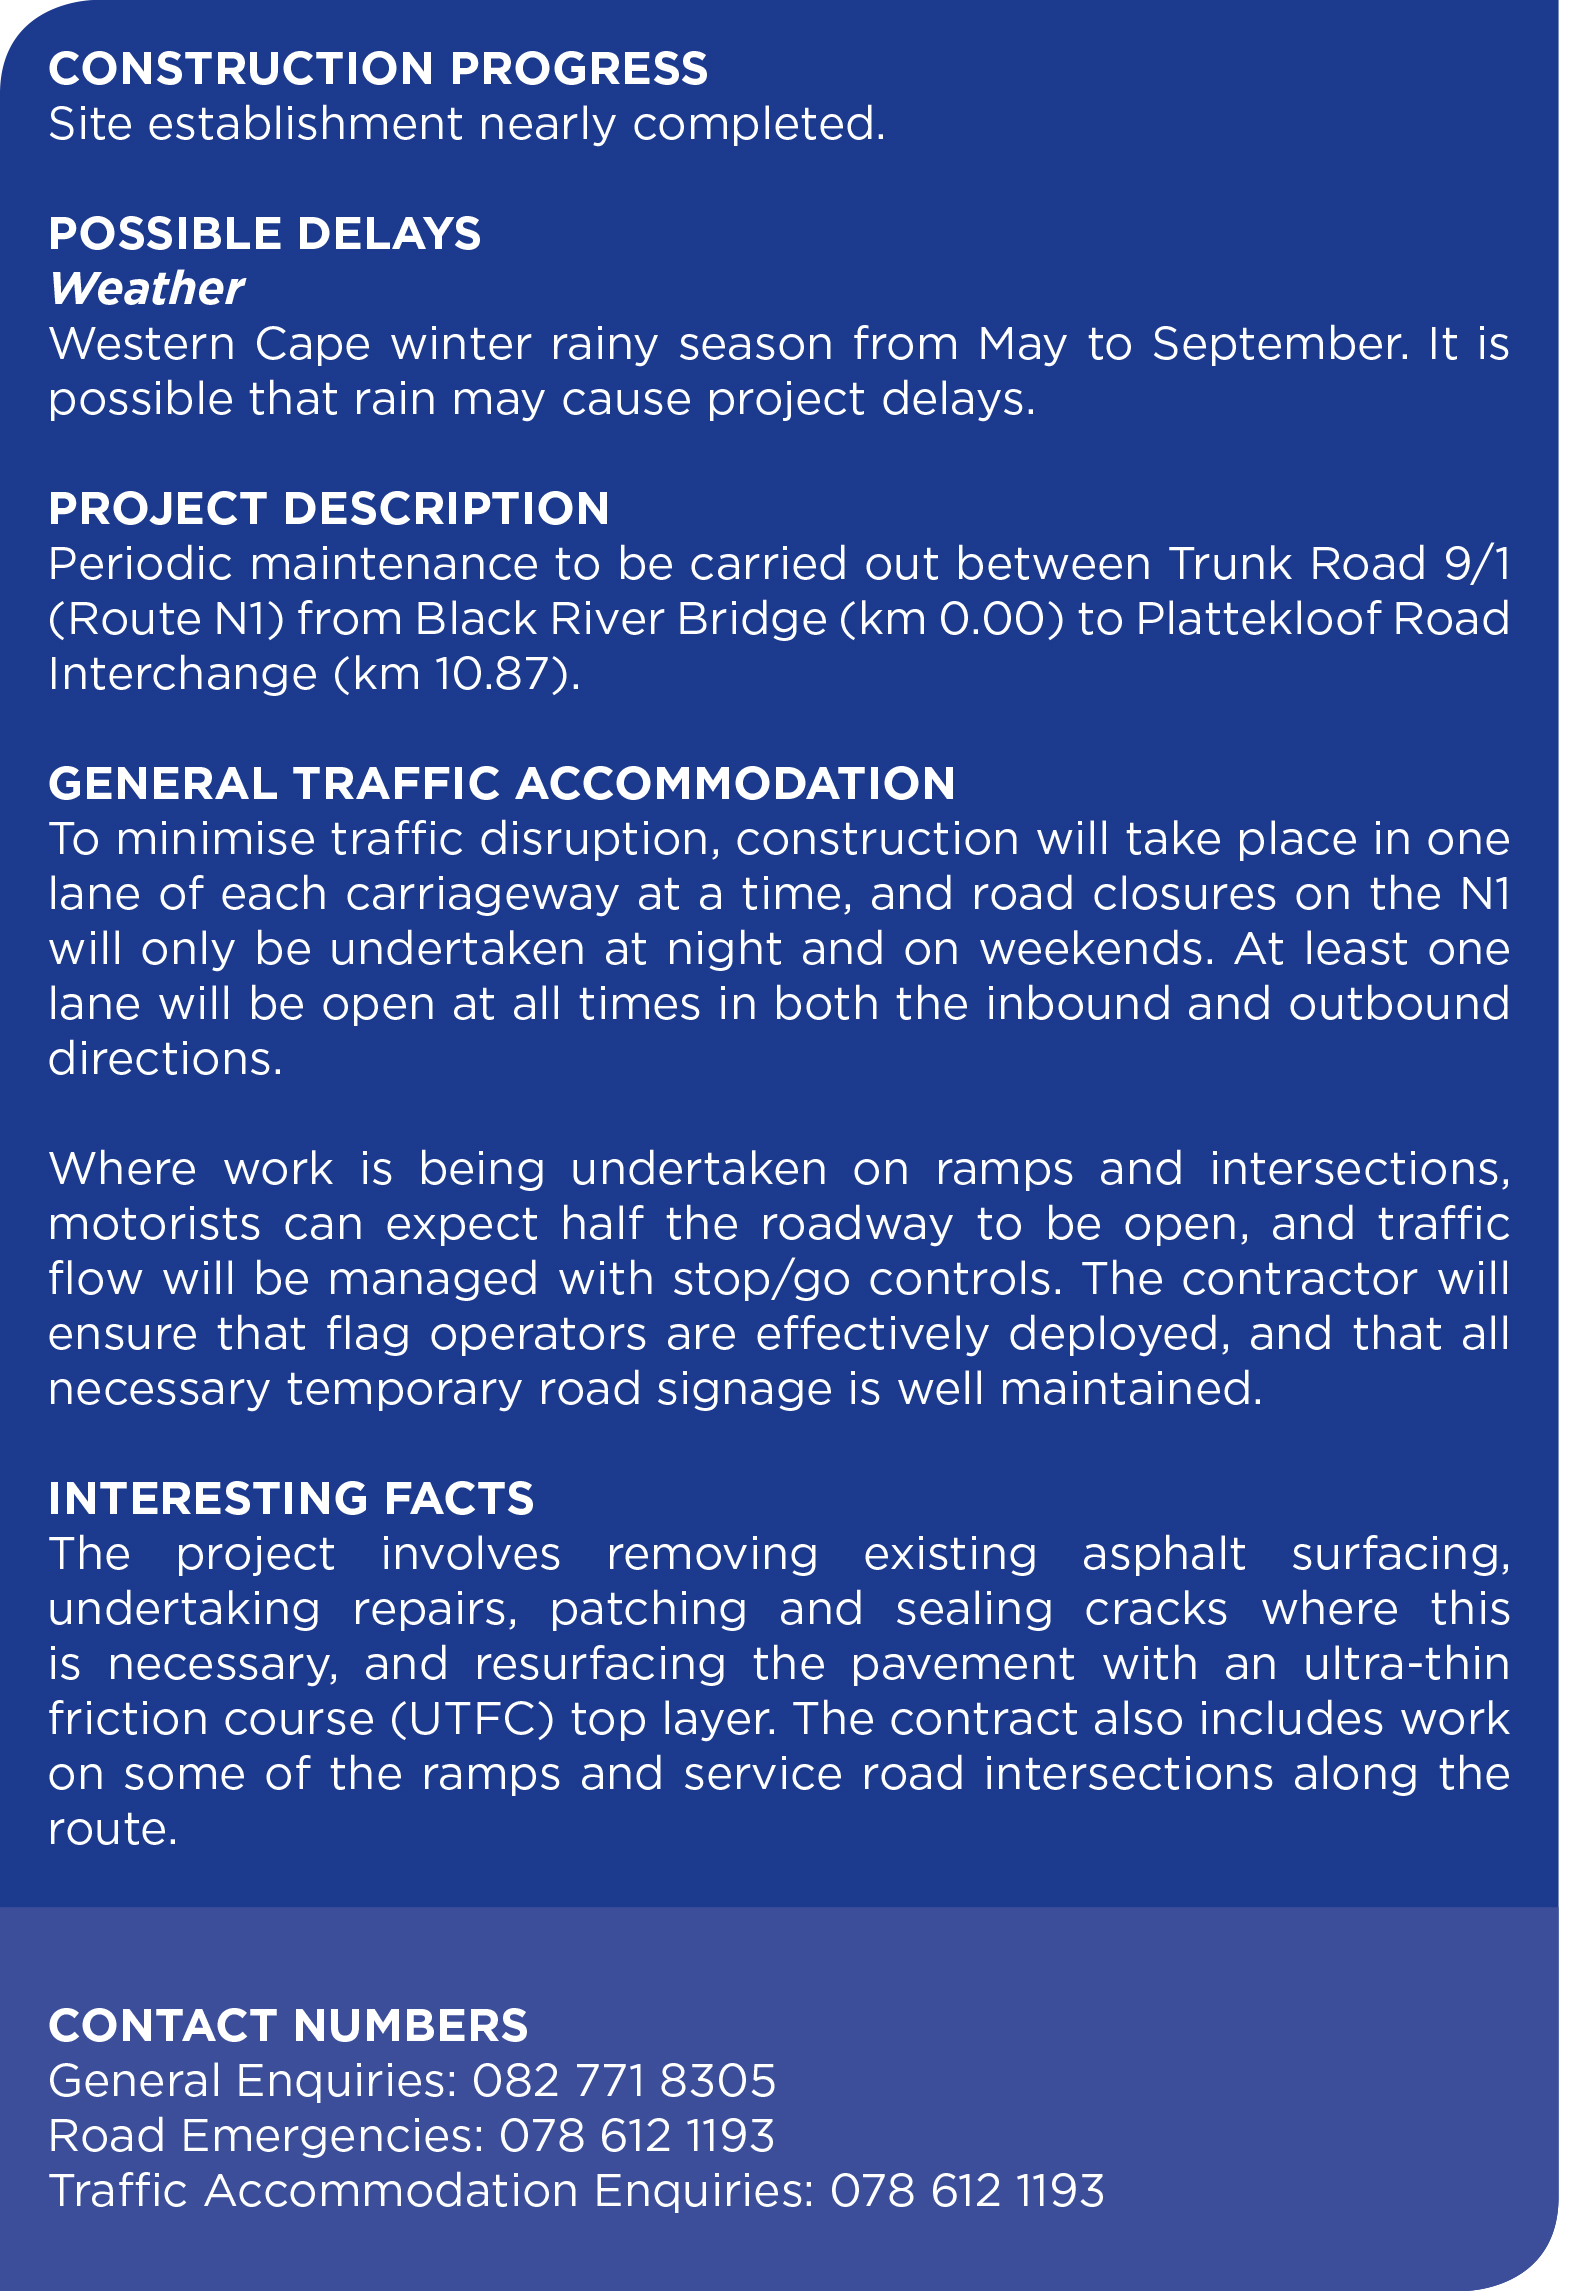 N1 roadworks